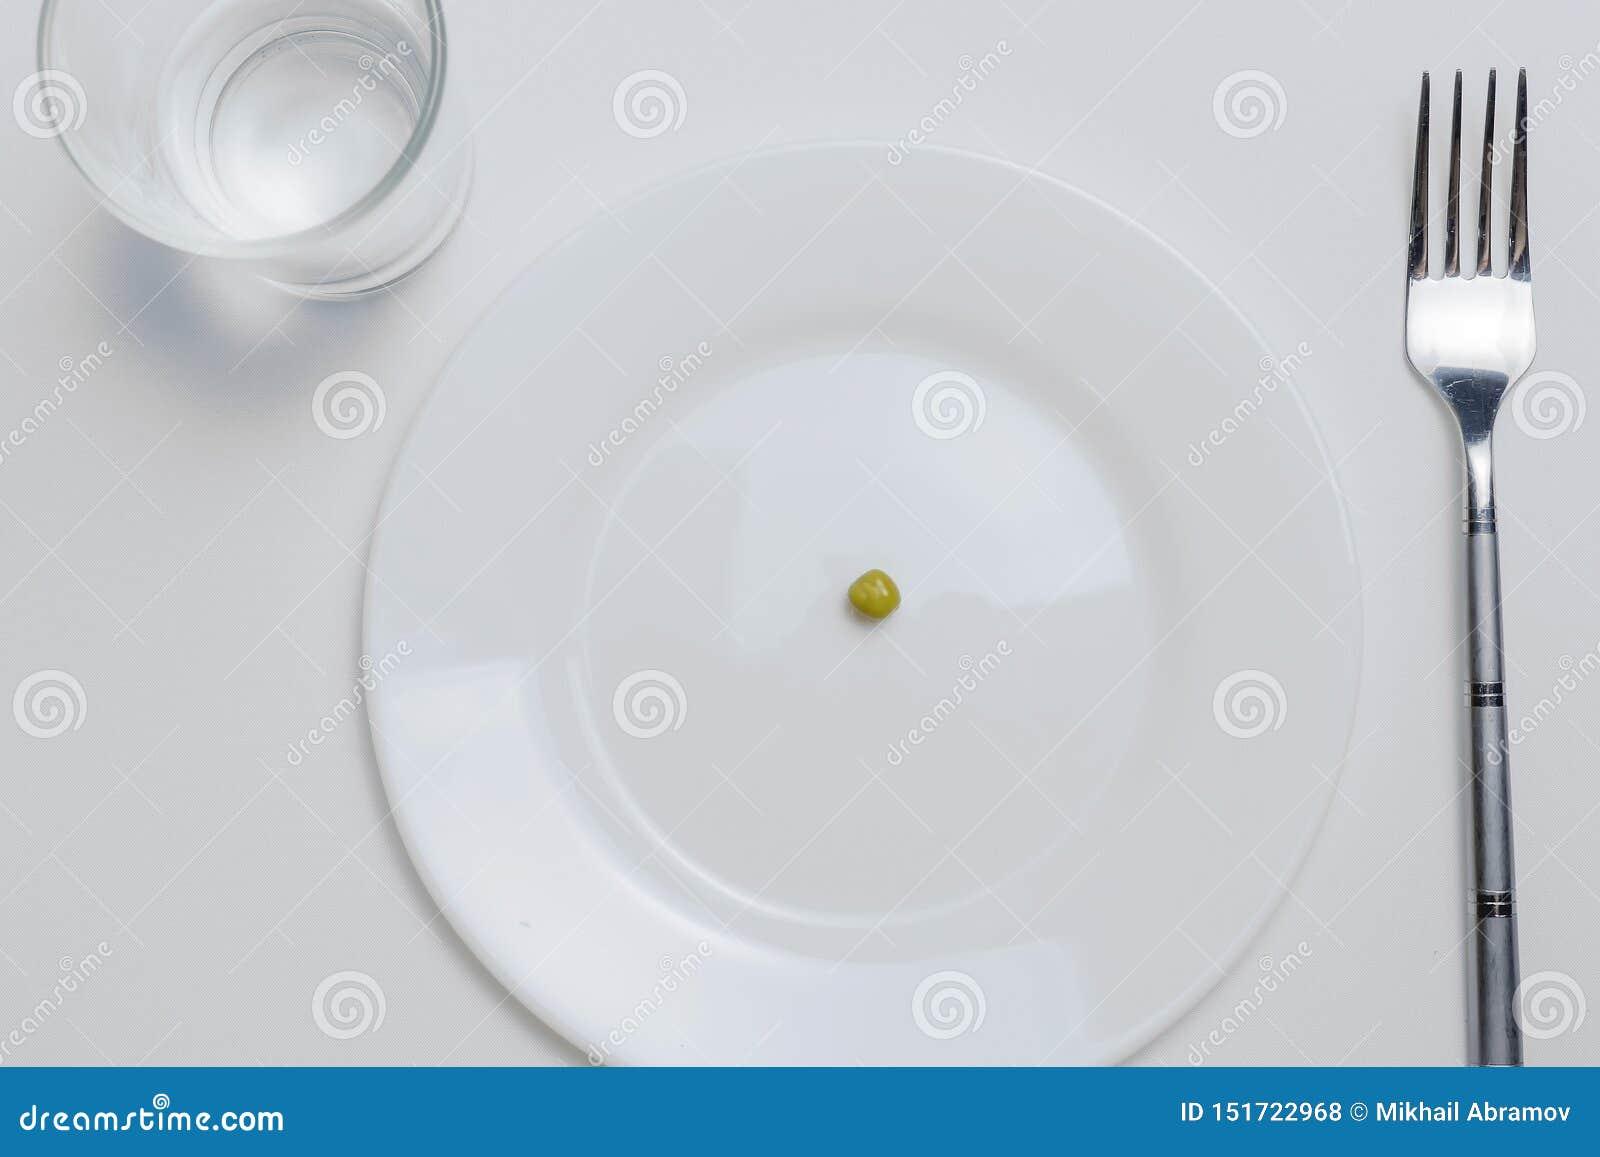 Adiete el concepto un guisante en una placa blanca vacía con la bifurcación